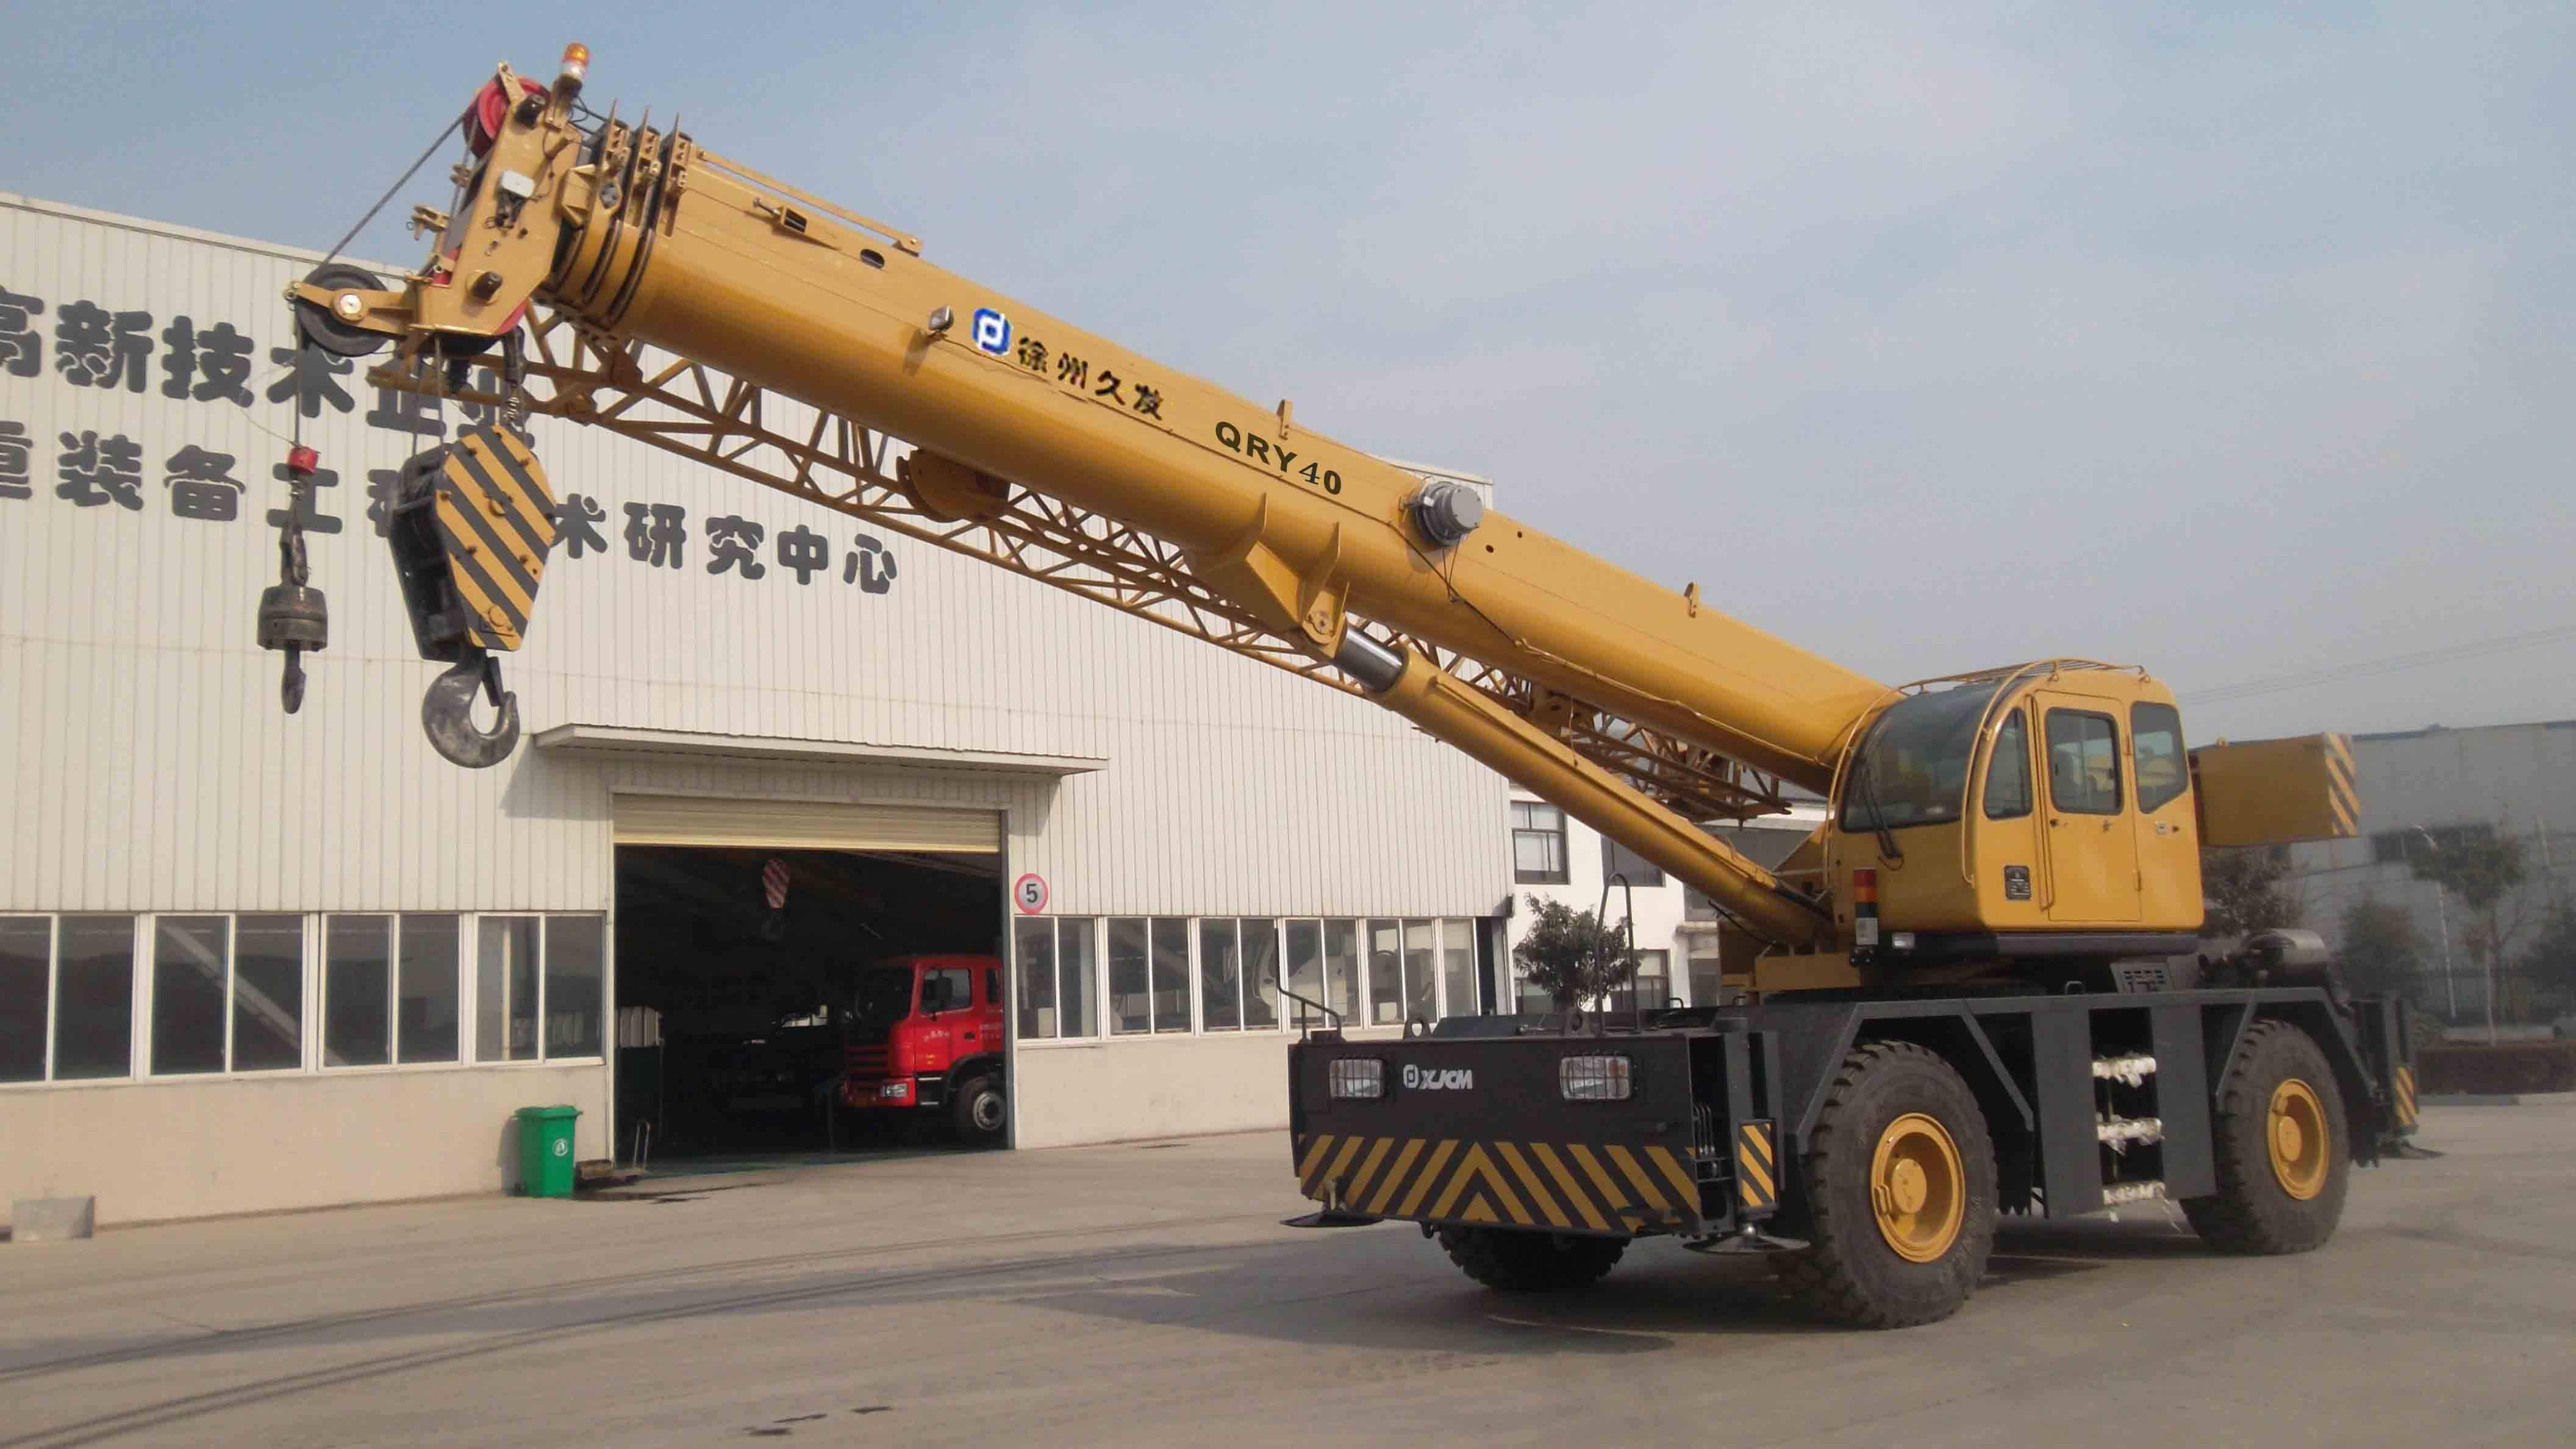 40ton rough terrain crane